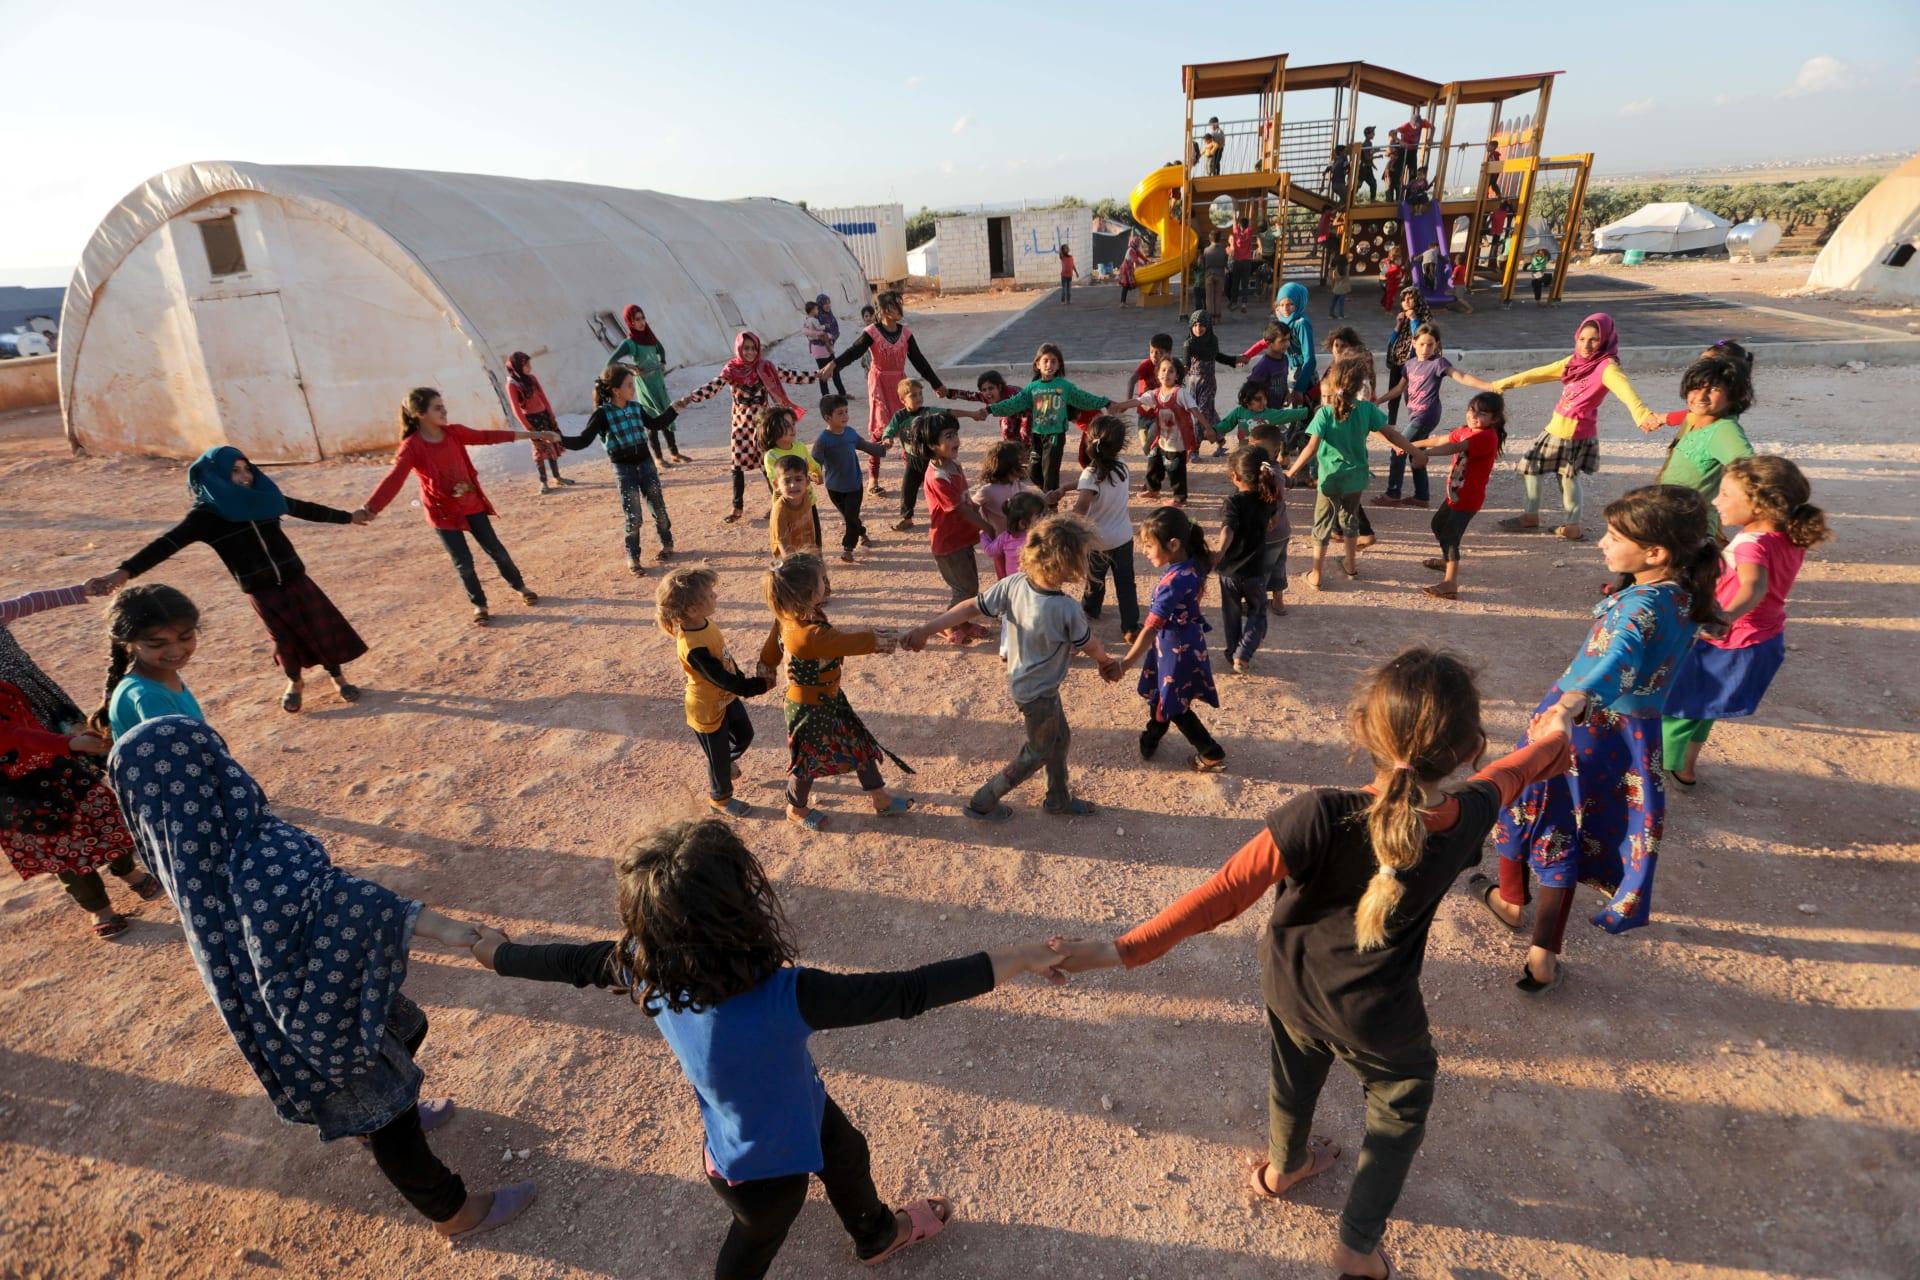 أطفال سوريون يلعبون في أحد مخيمات اللاجئين